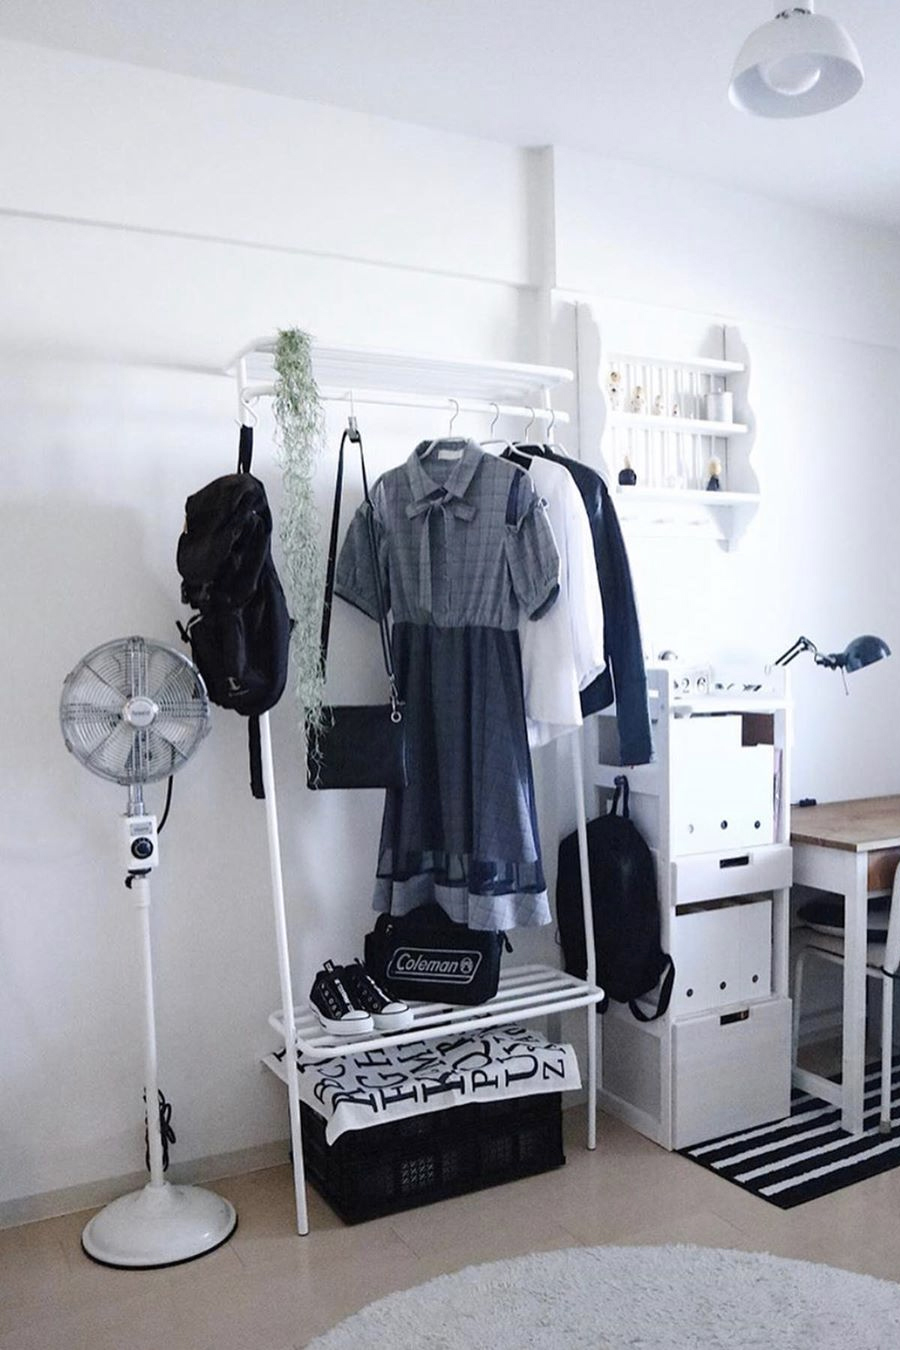 あなたが厳選したいま着たい服が、ひと目で見えるように収納できる。コートもバッグも手袋も収納できる「立て掛け式ラック」|DUENDE WALL HANGER